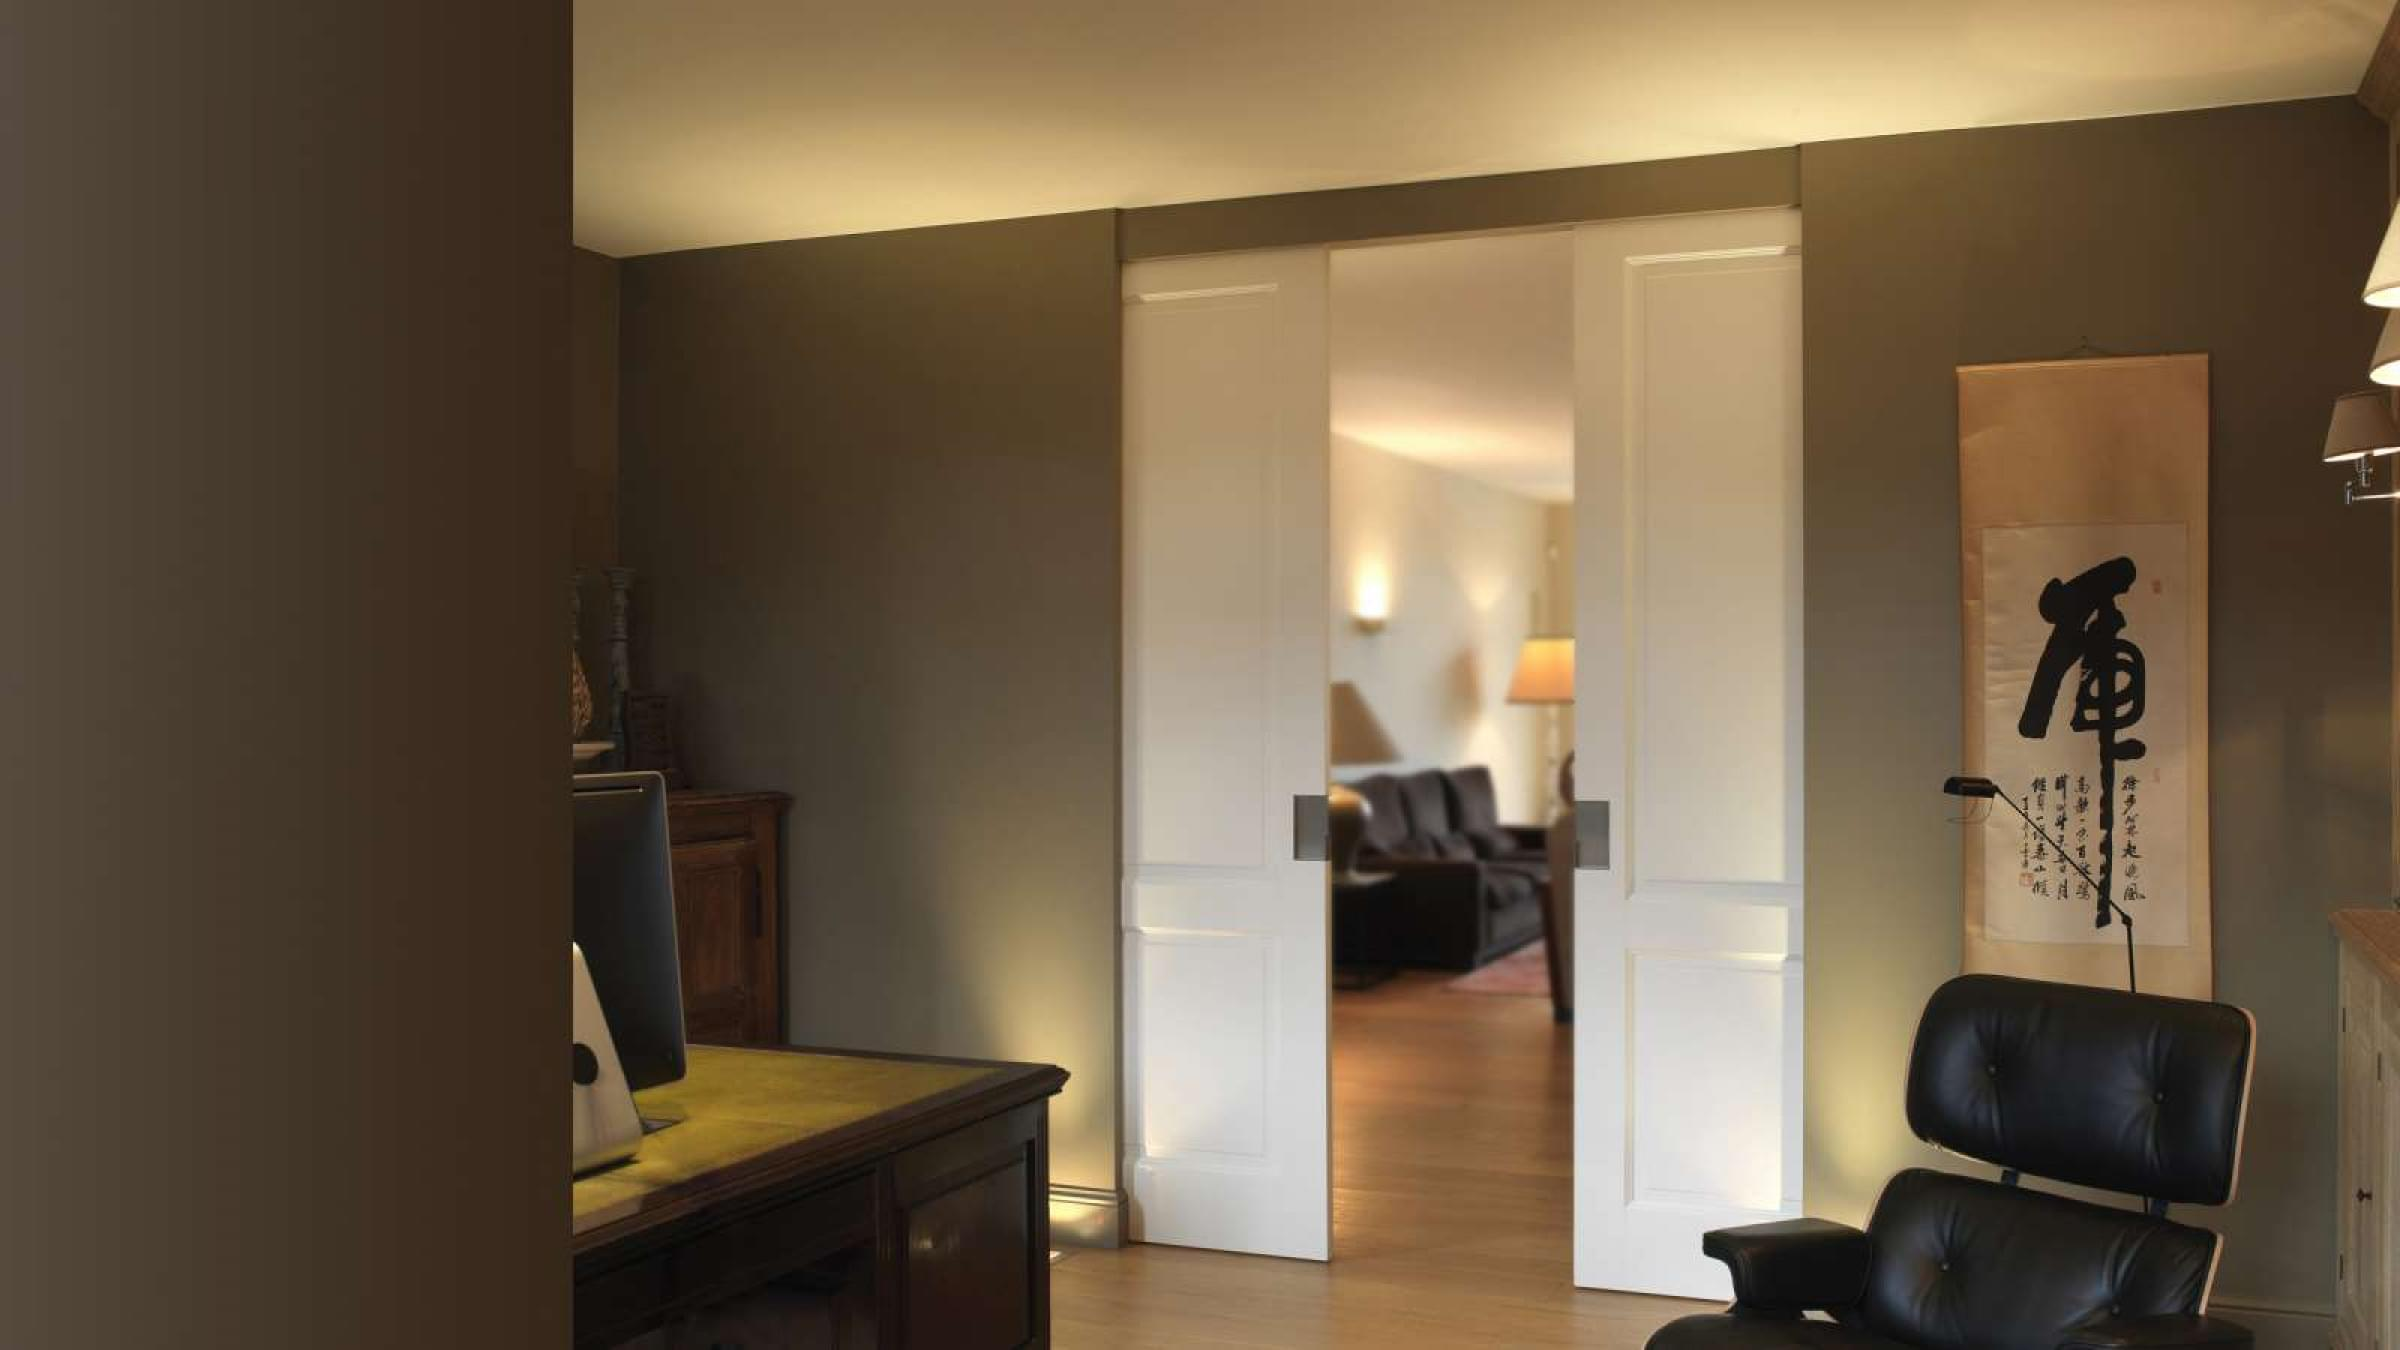 nordex-klassieke-deuren-elegantie-2400